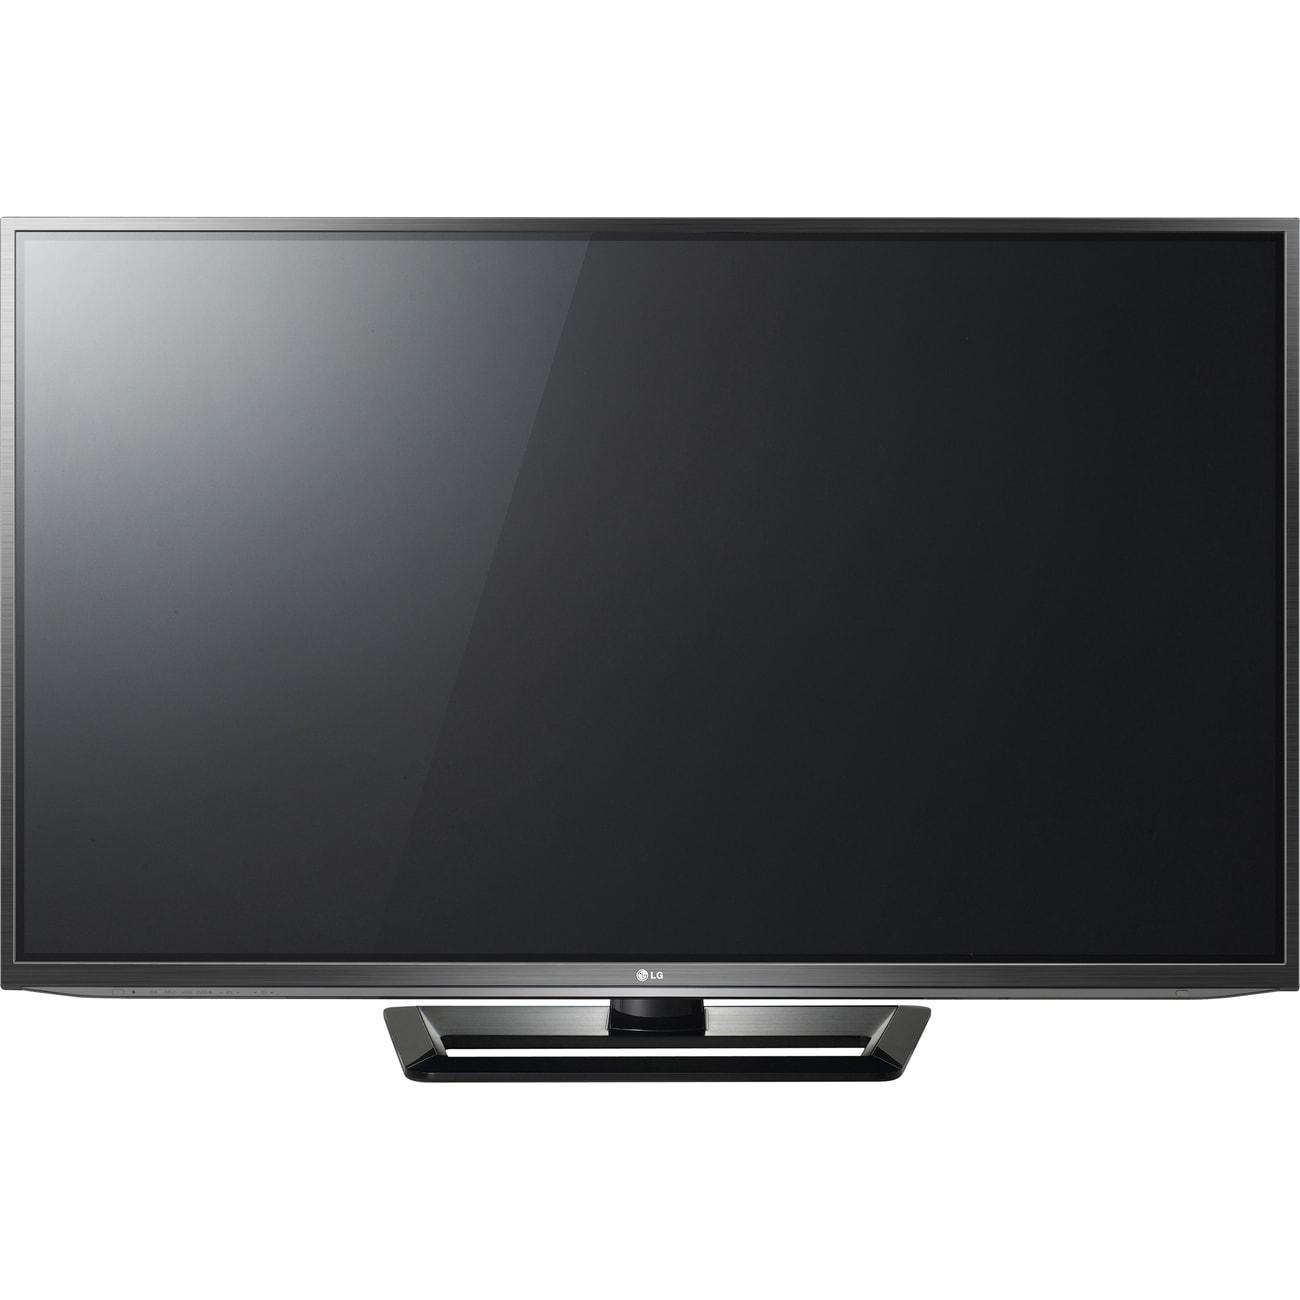 LG 60PA6500 60 1080p Plasma TV